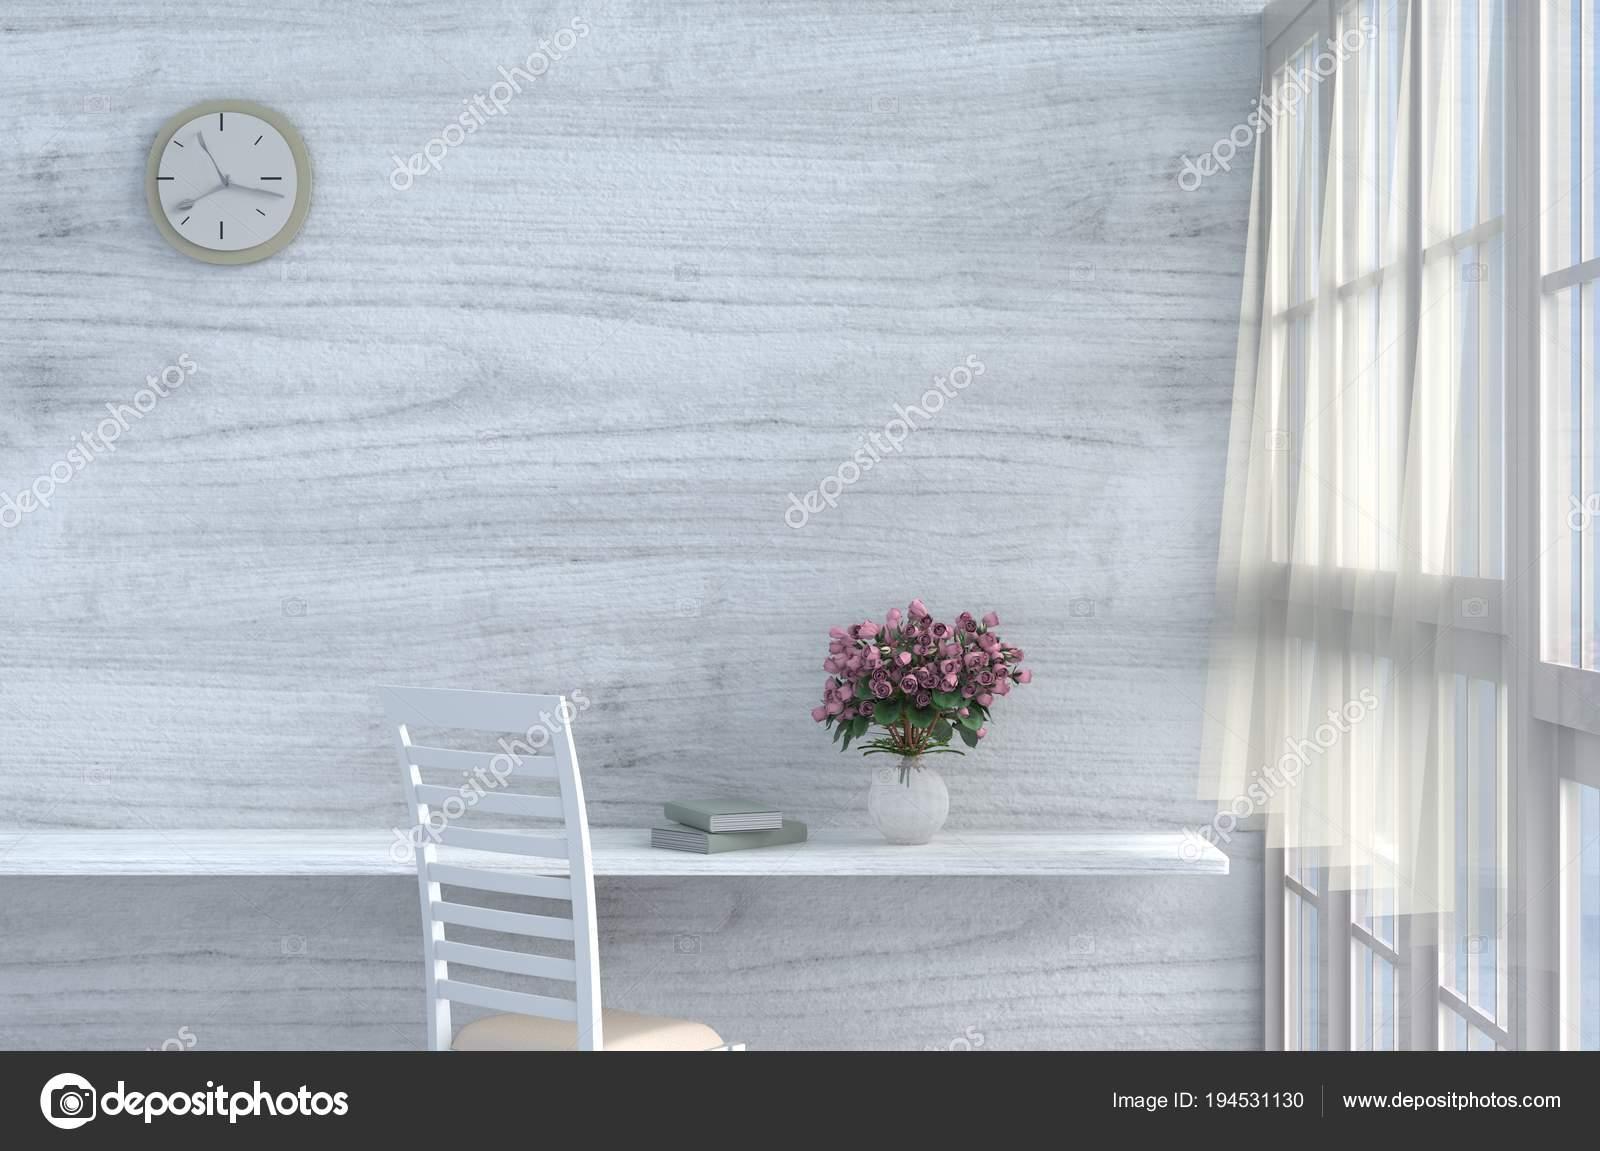 Grau Weiß Wohnzimmer Dekor Mit Creme Weißen Stuhl, Wanduhr, Weiße Holz  Wand, Fenster, Tisch, Grau Weiße Zementfußboden, Rot   Rosa Rose, Vorhang,  Vase.